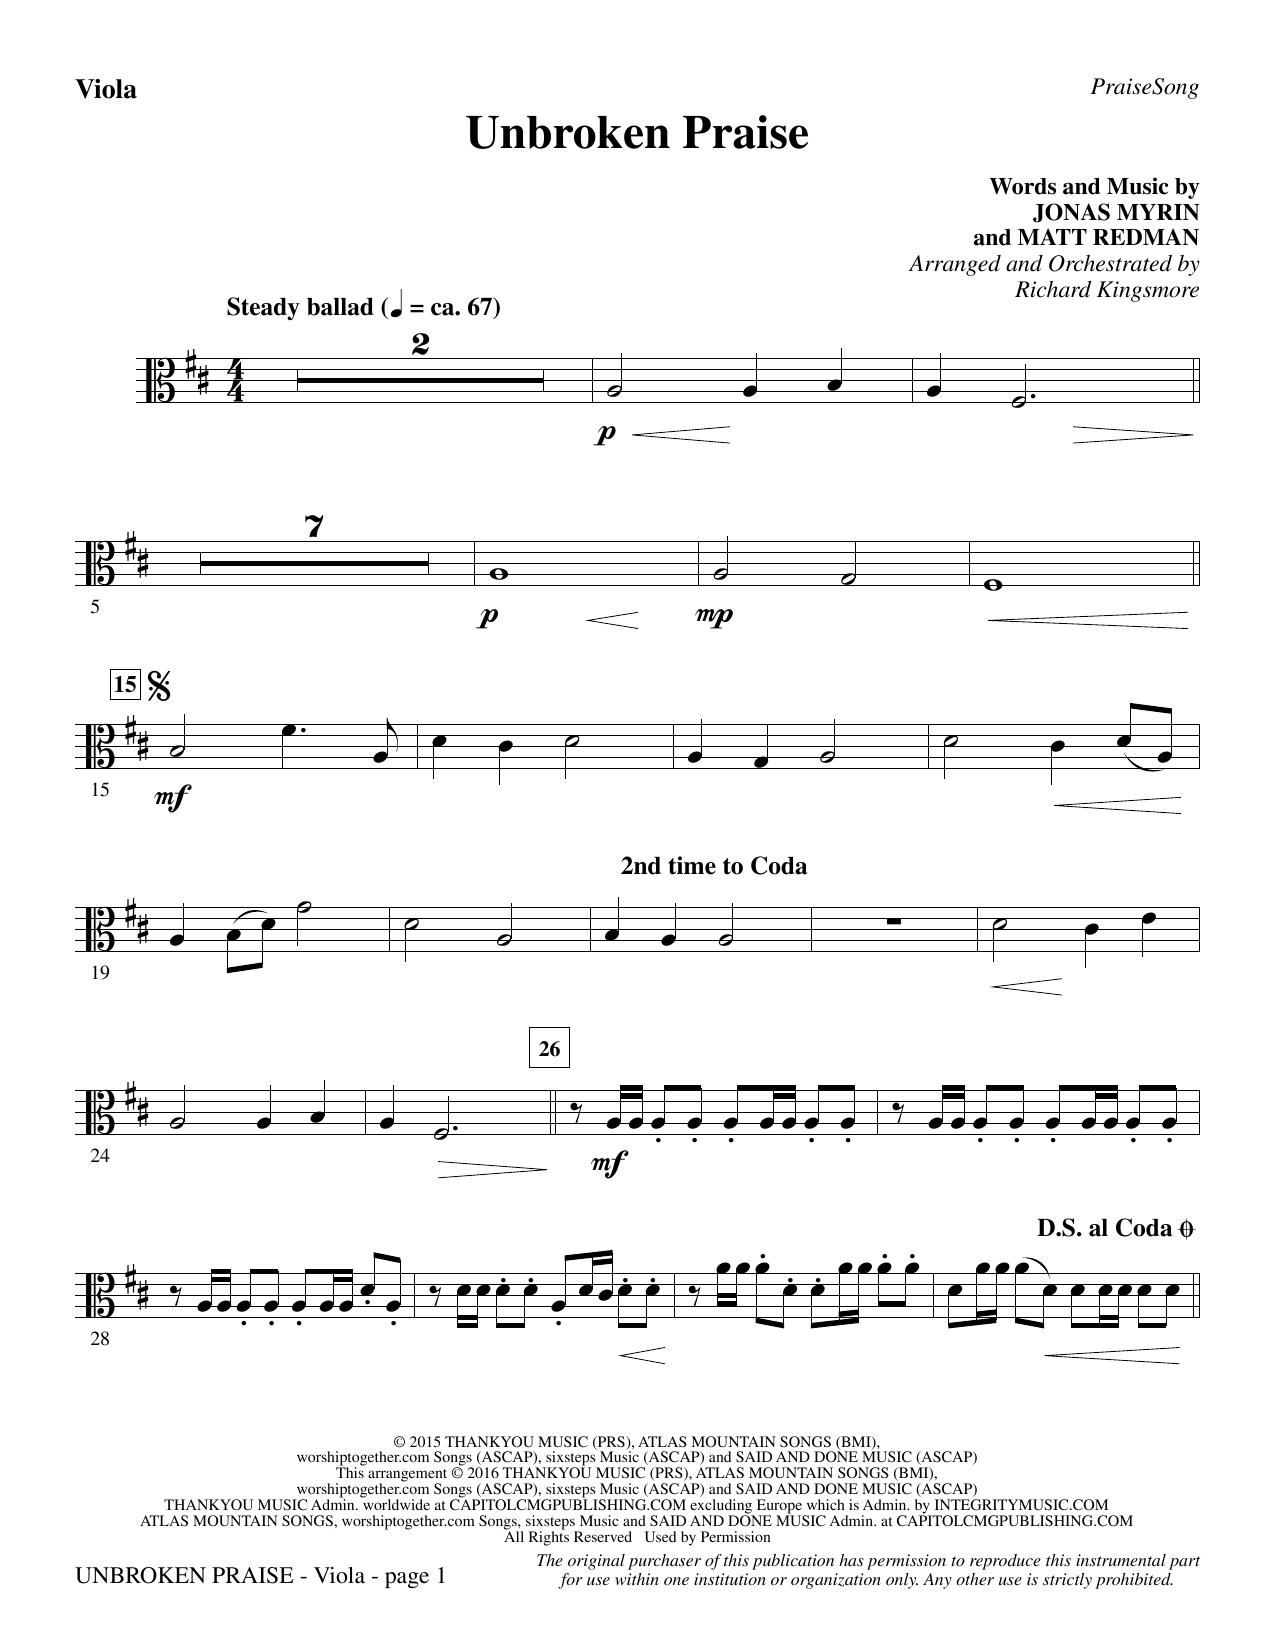 Unbroken Praise - Viola